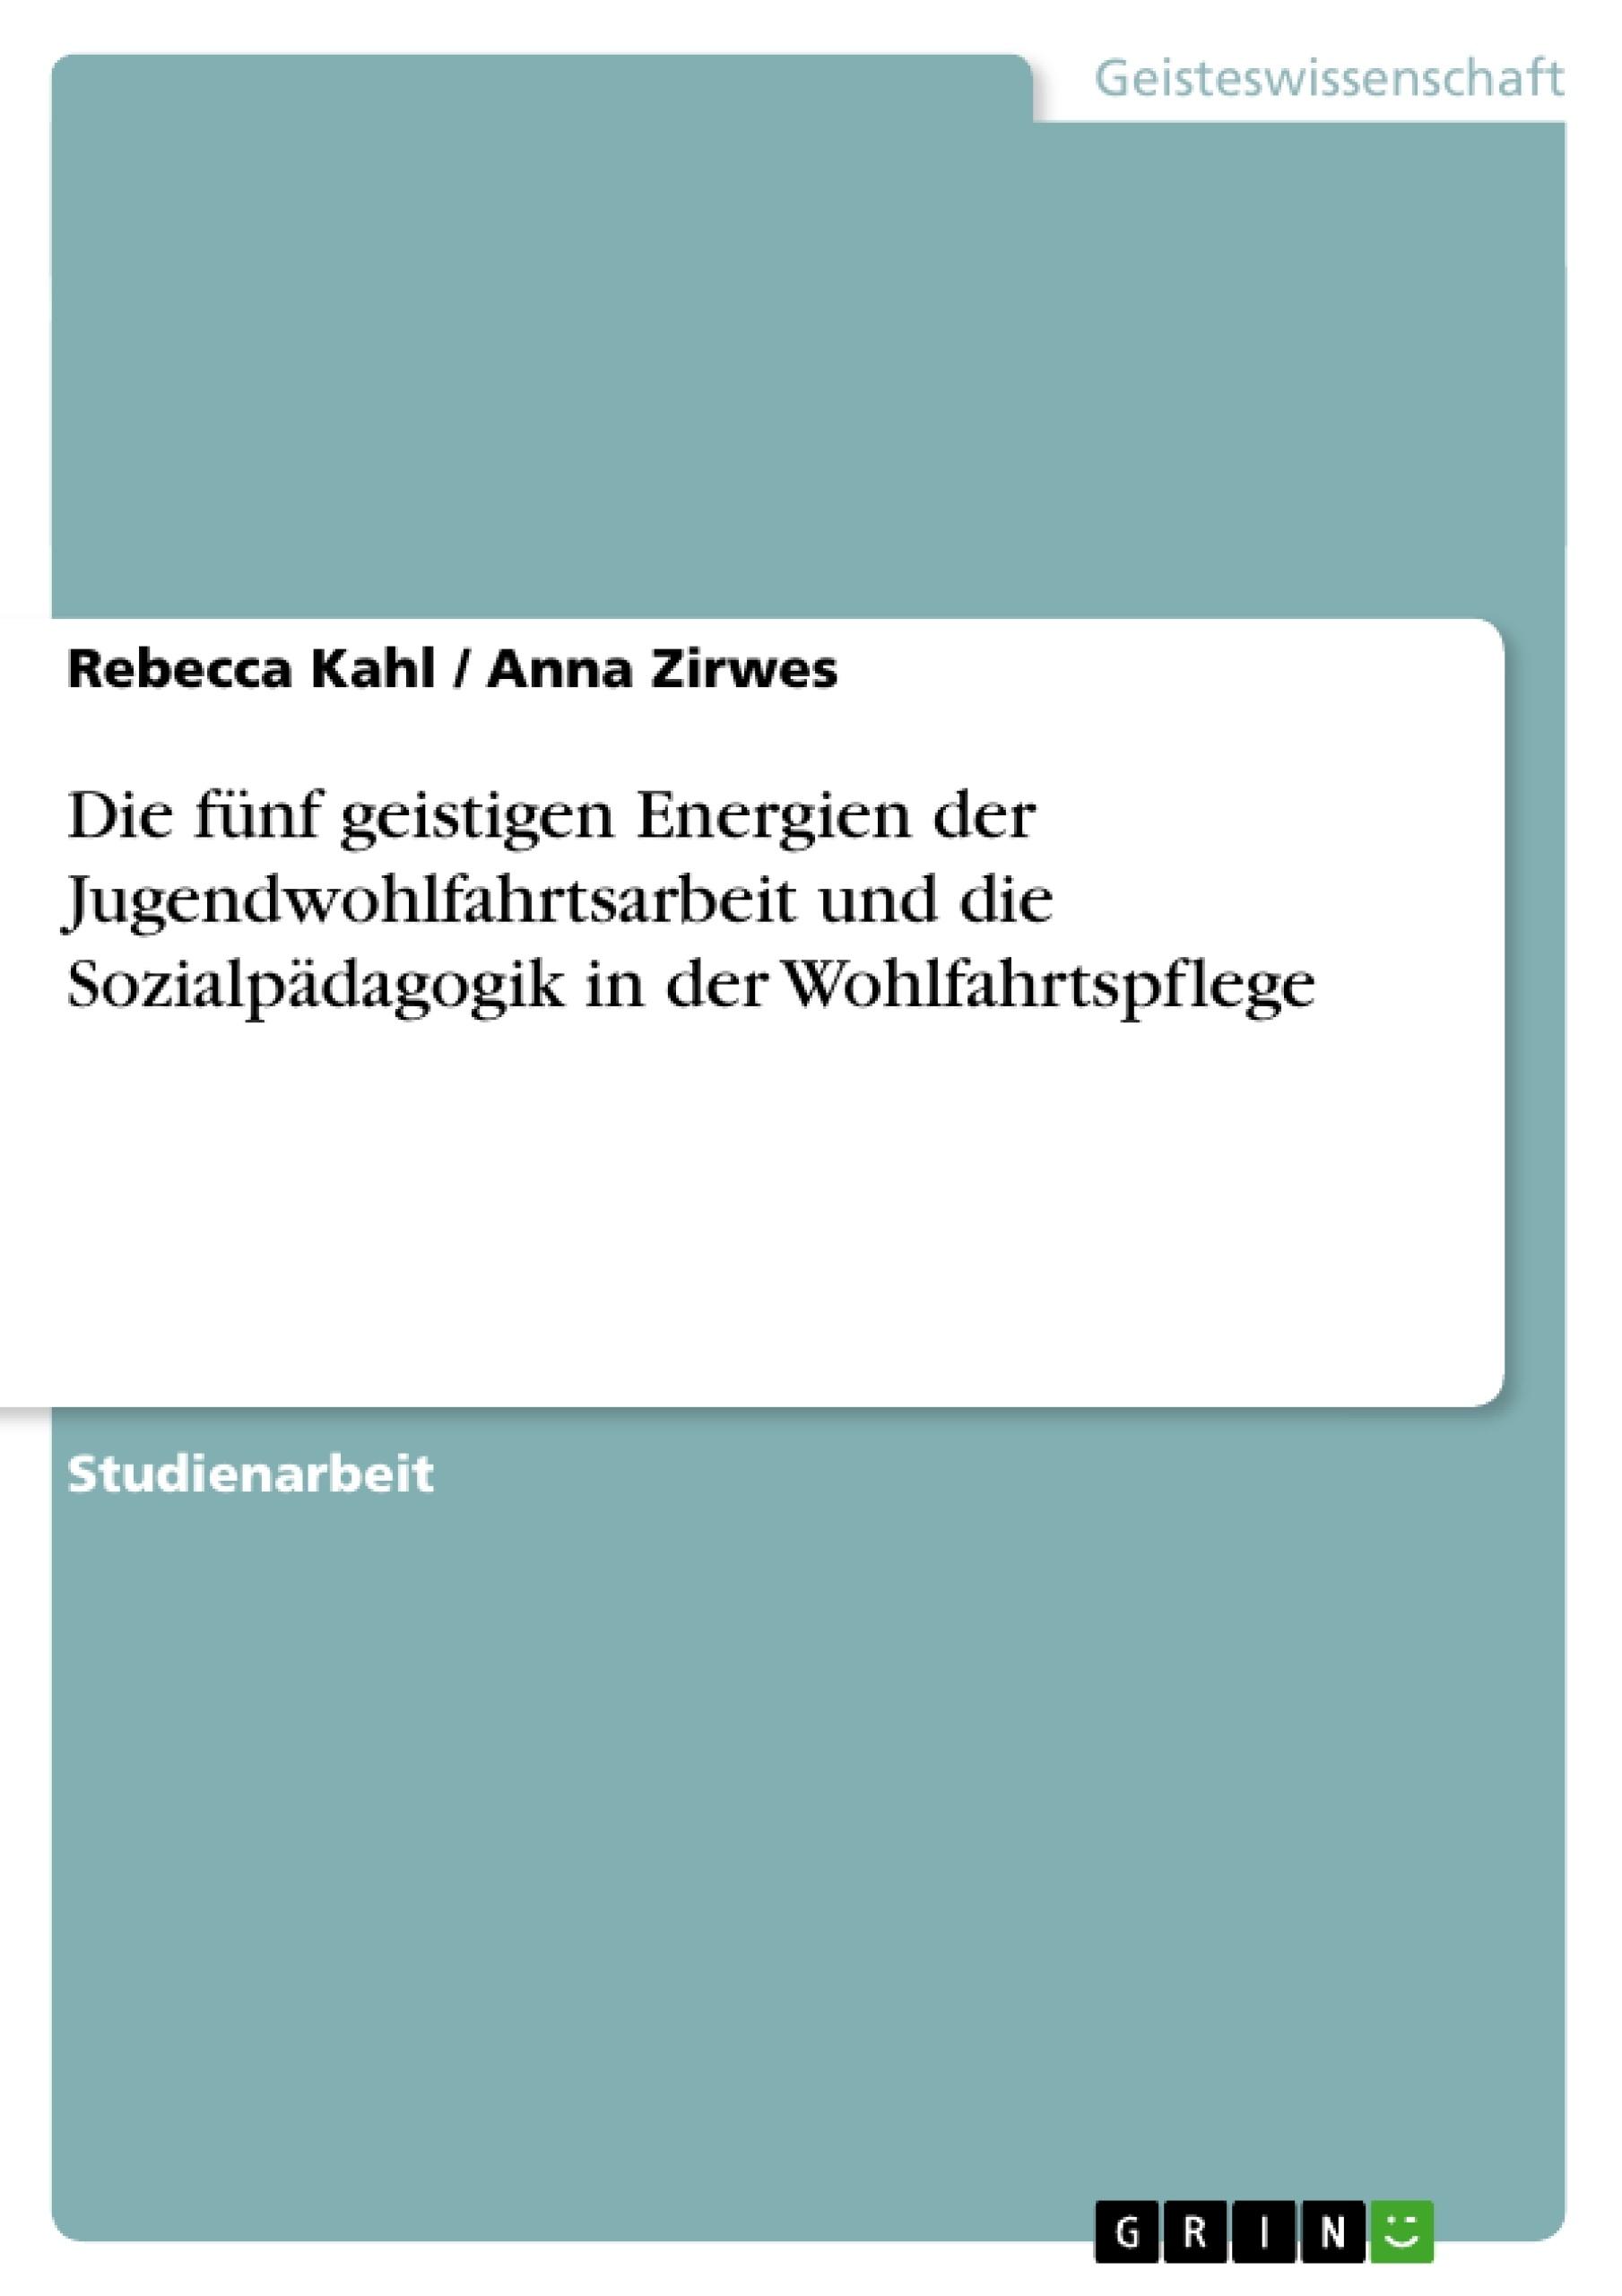 Titel: Die fünf geistigen Energien der Jugendwohlfahrtsarbeit und die Sozialpädagogik in der Wohlfahrtspflege